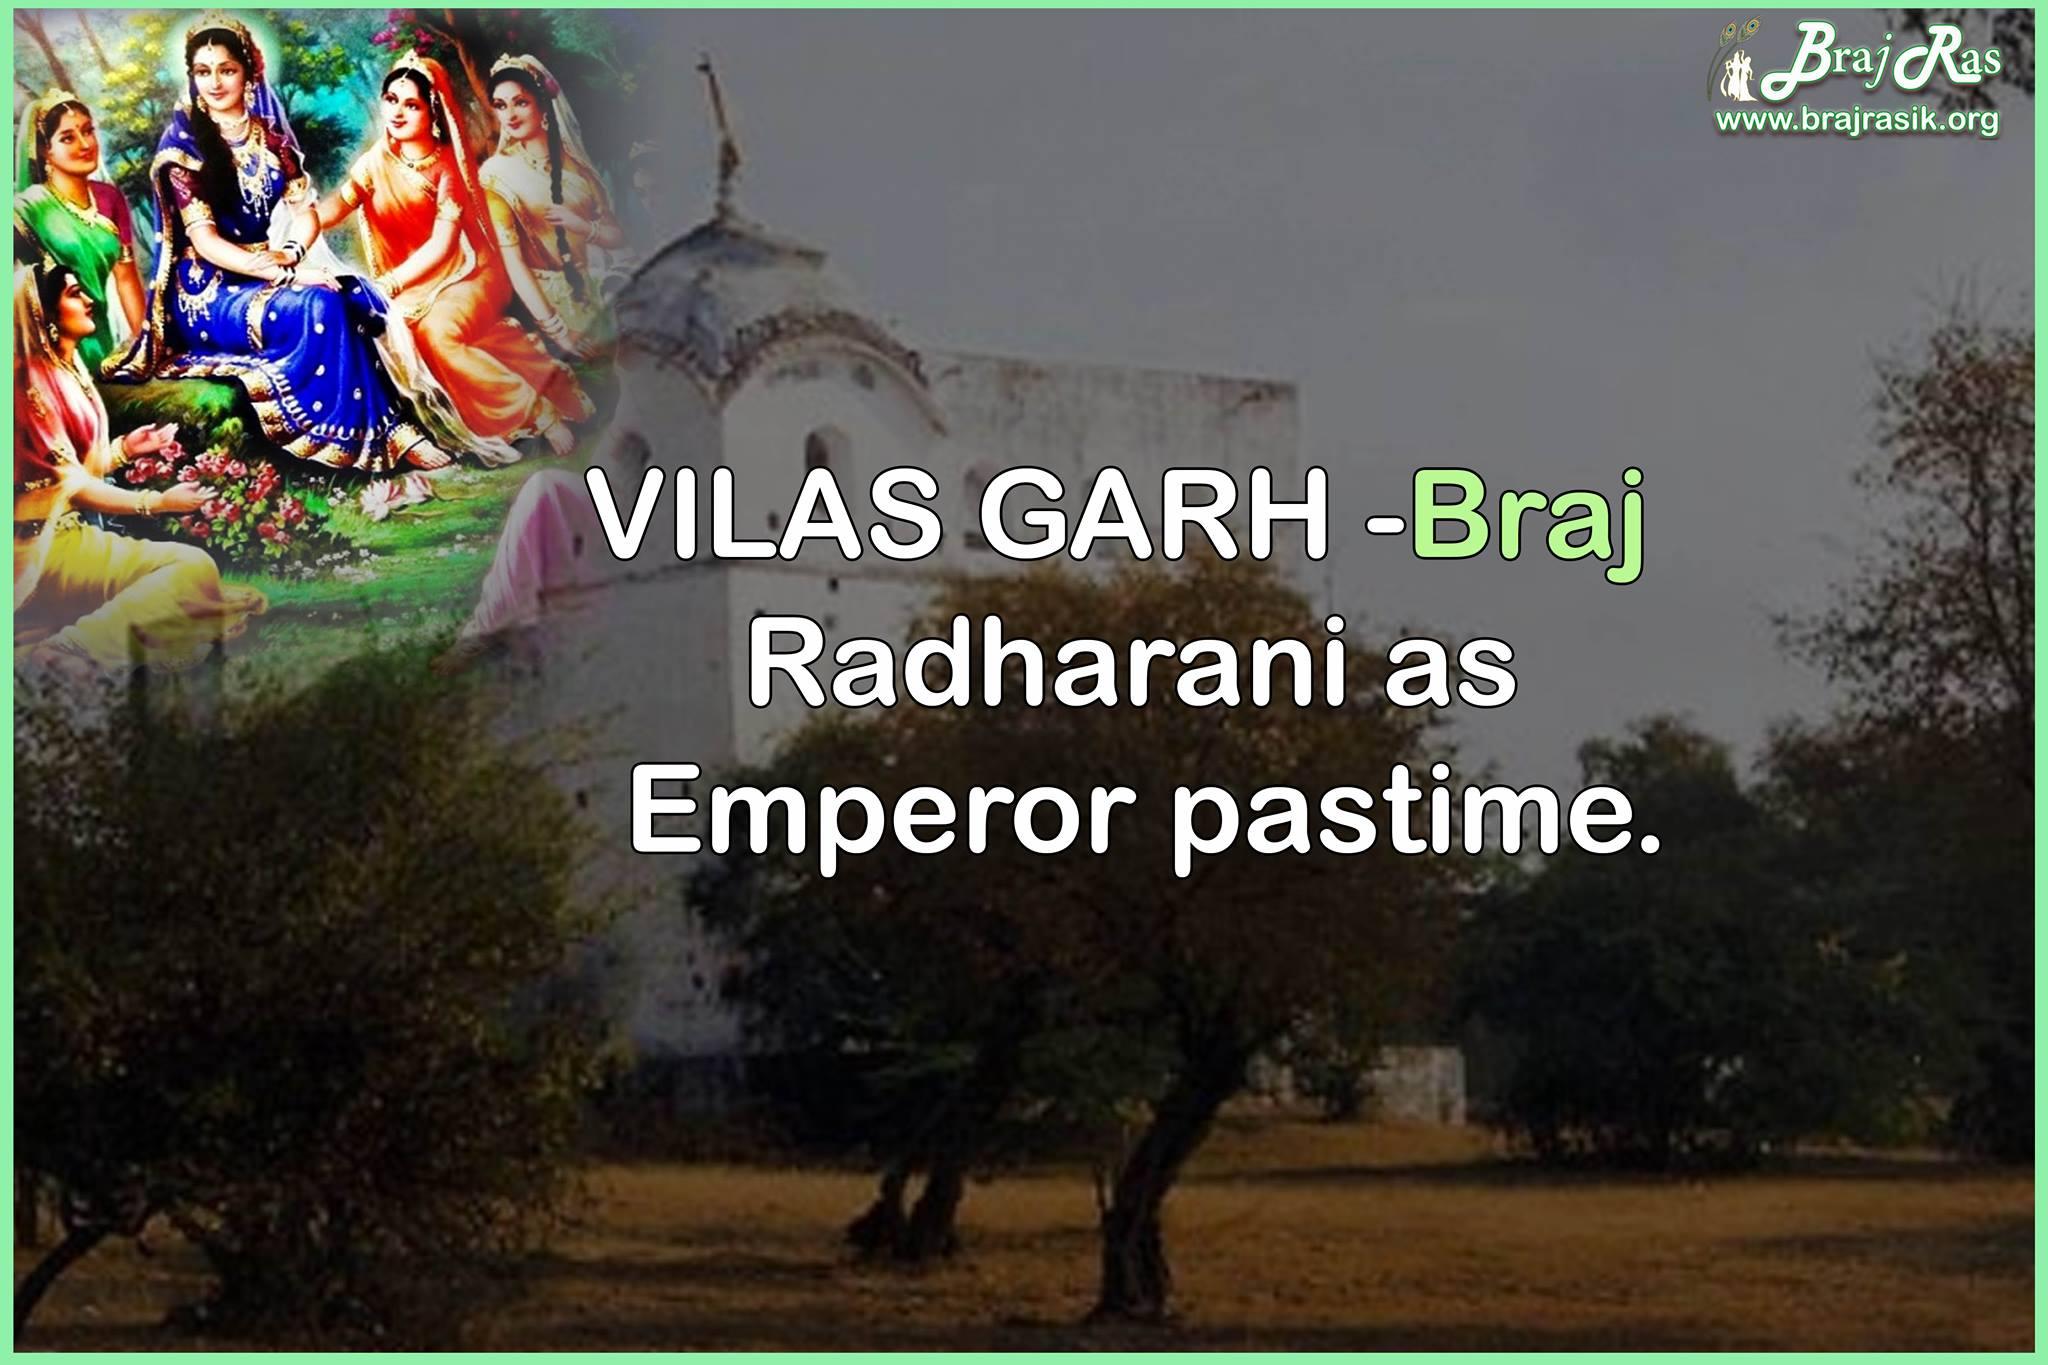 Vilas Garh, Braj (Shriji Maharaj - Radharani as Emperor pastime)